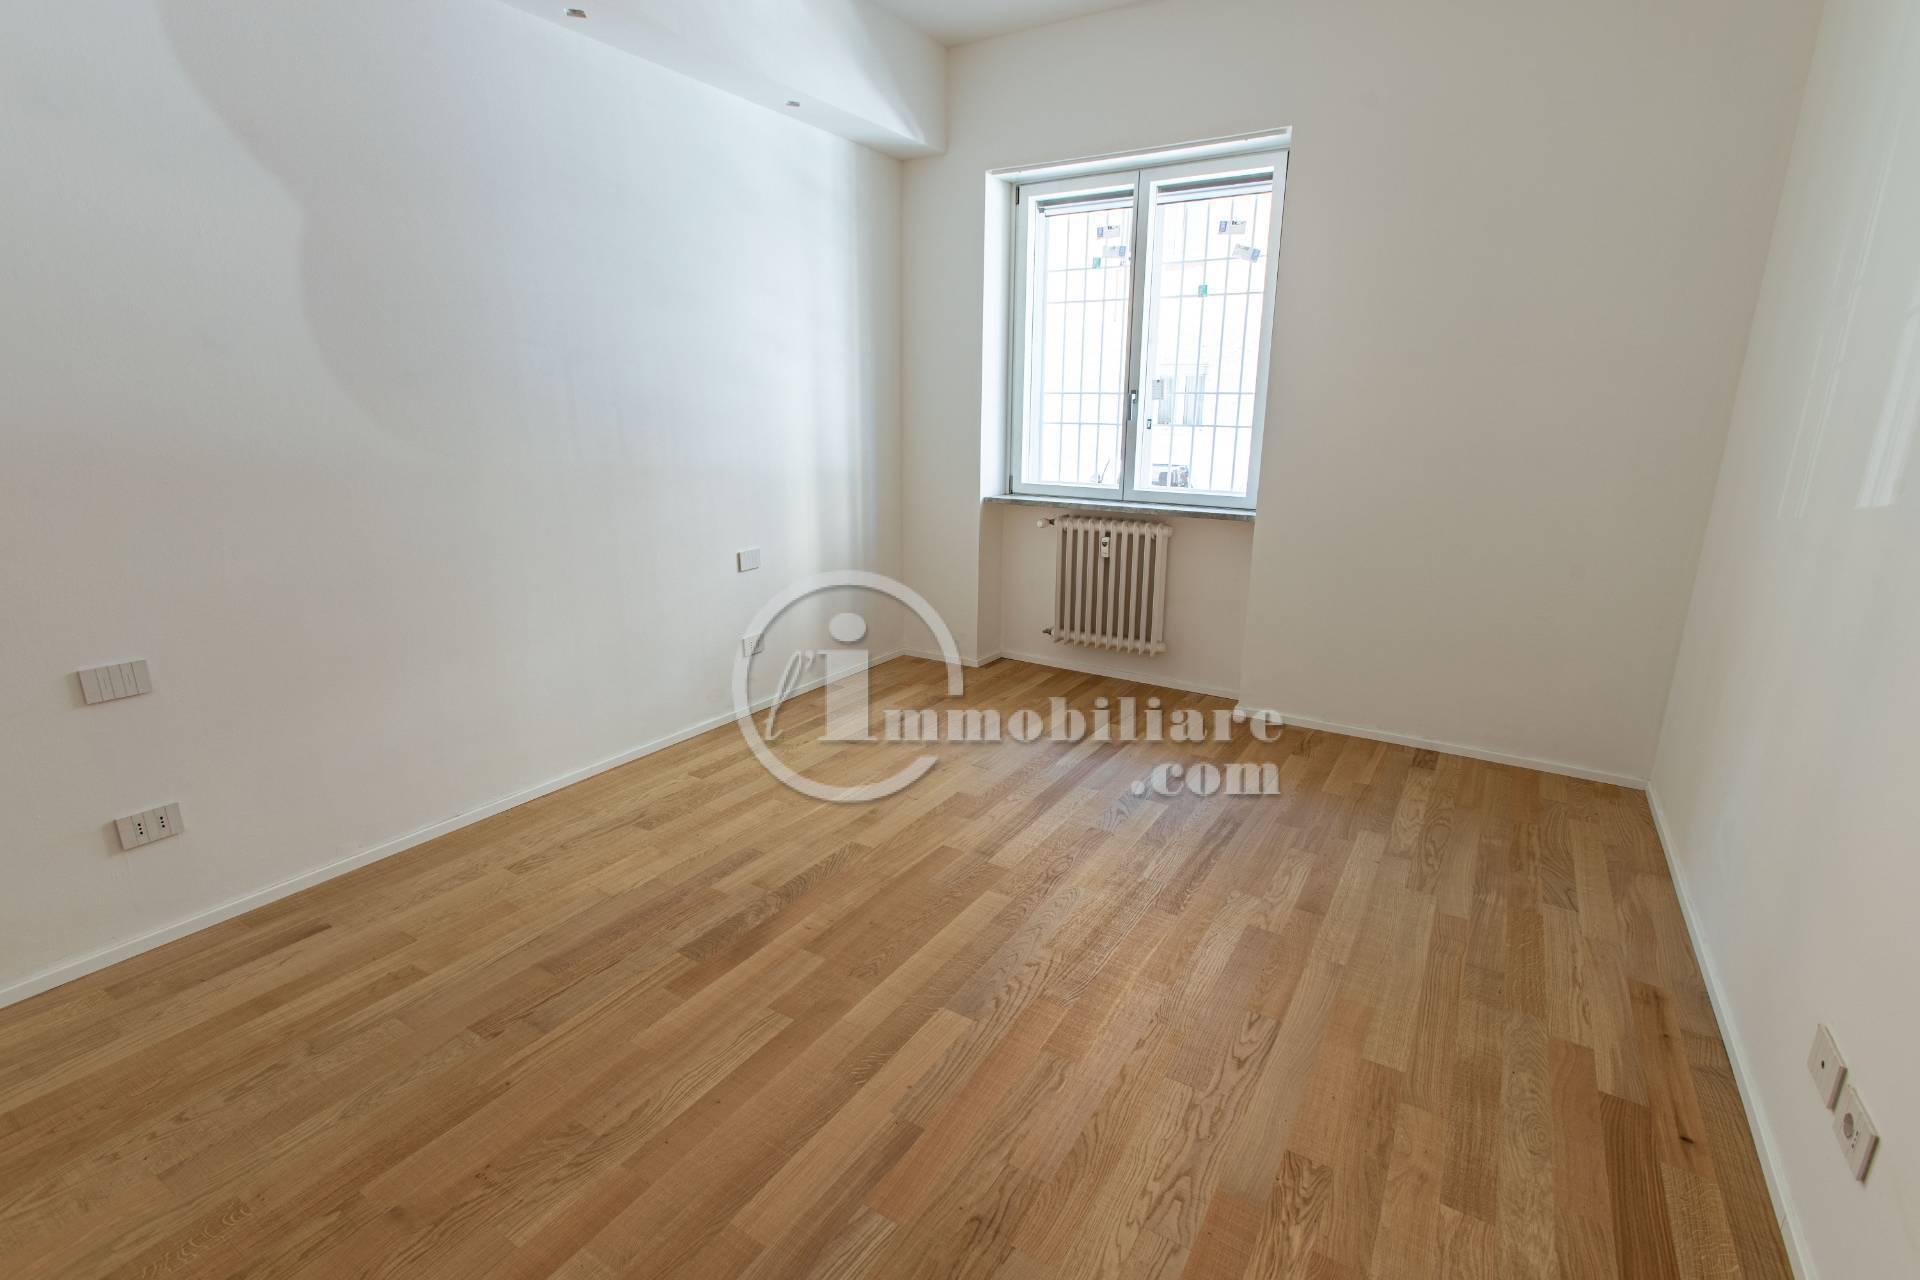 Appartamento in Vendita a Milano: 3 locali, 75 mq - Foto 13